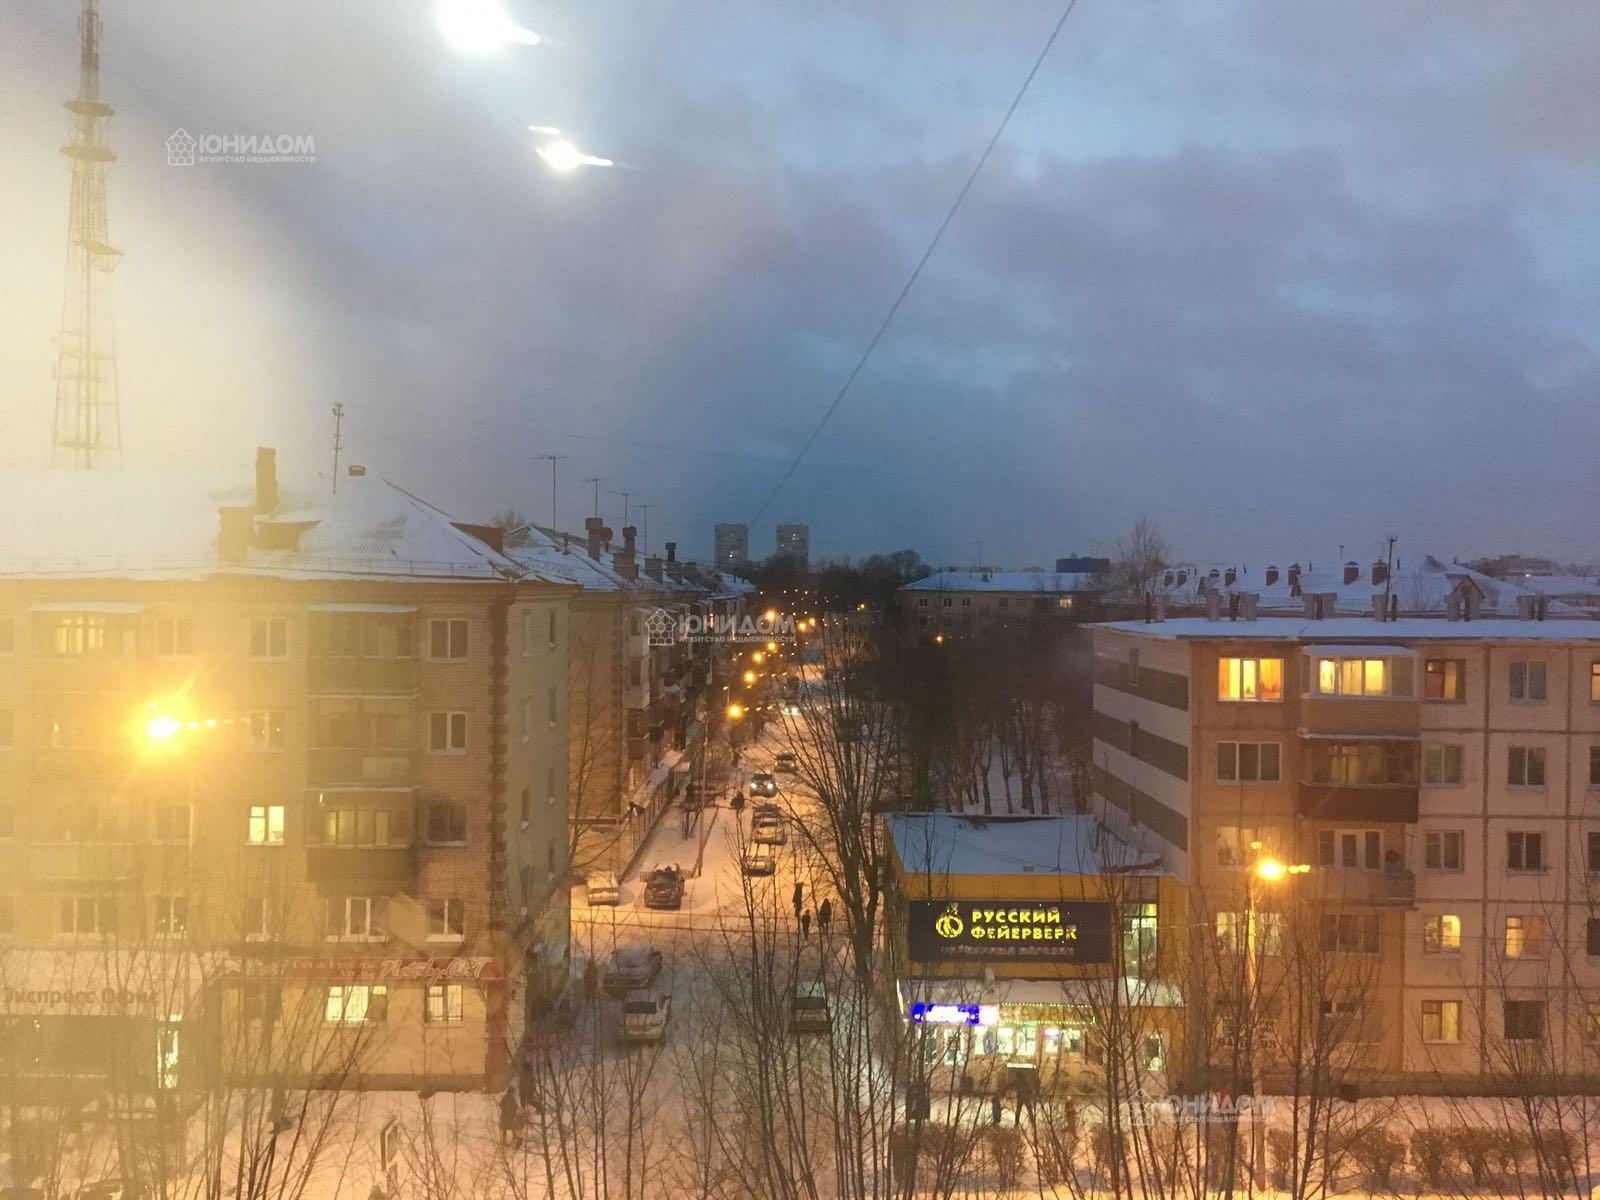 Продам инд по адресу Россия, Тюменская область, Тюмень, Энергетиков, 51 фото 5 по выгодной цене